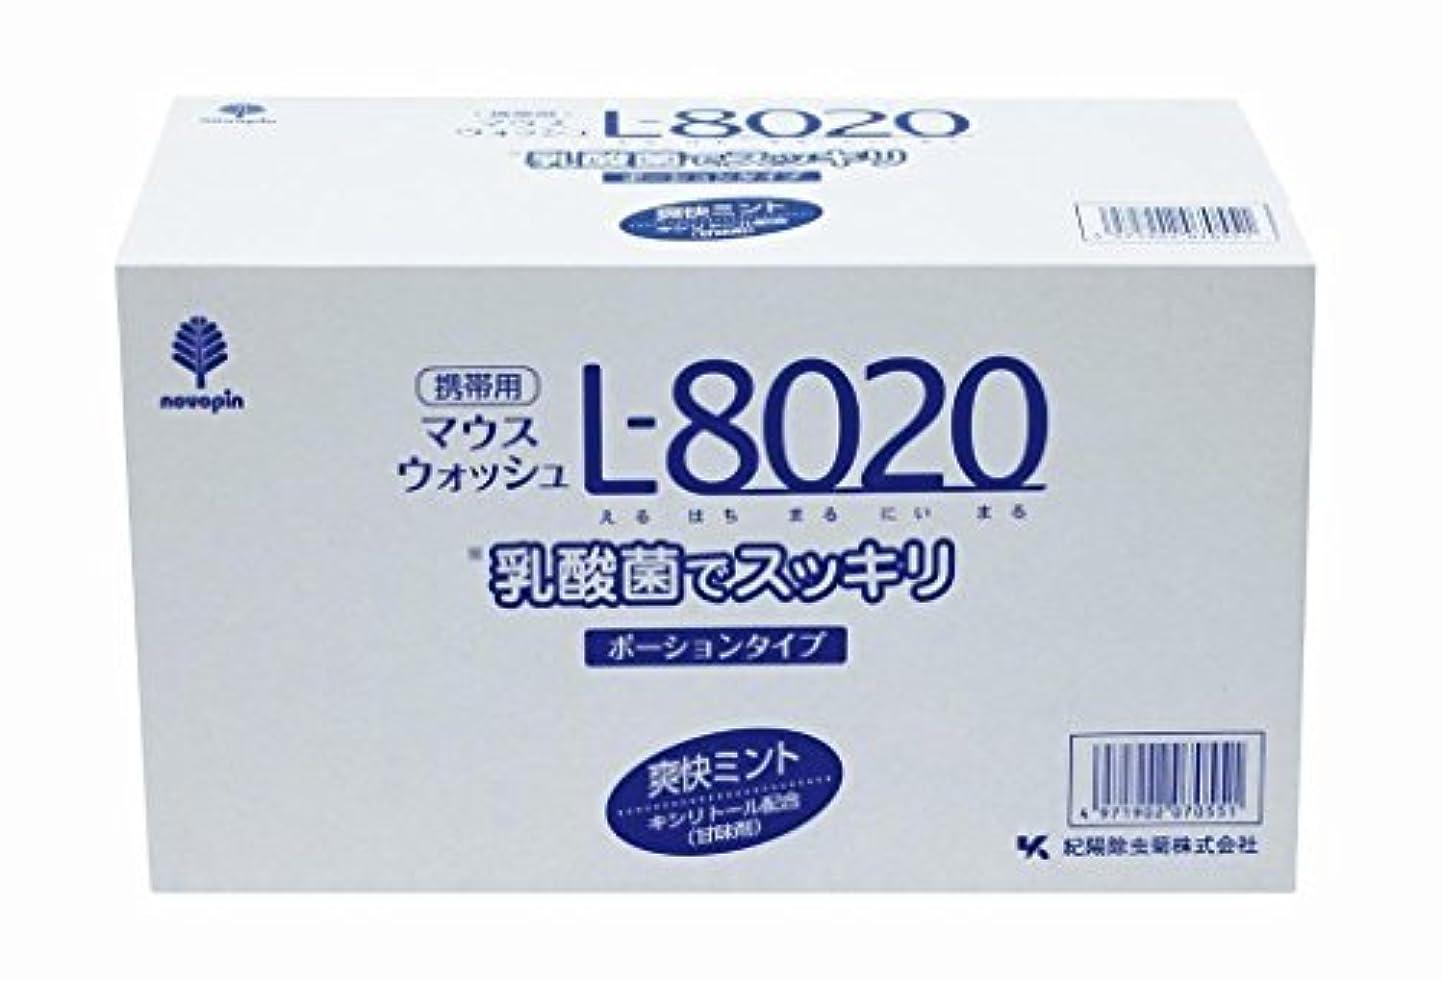 吸収剤座る演じるクチュッペL-8020爽快ミントポーションタイプ100個入(アルコール) 【まとめ買い10個セット】 K-7055 日本製 Japan